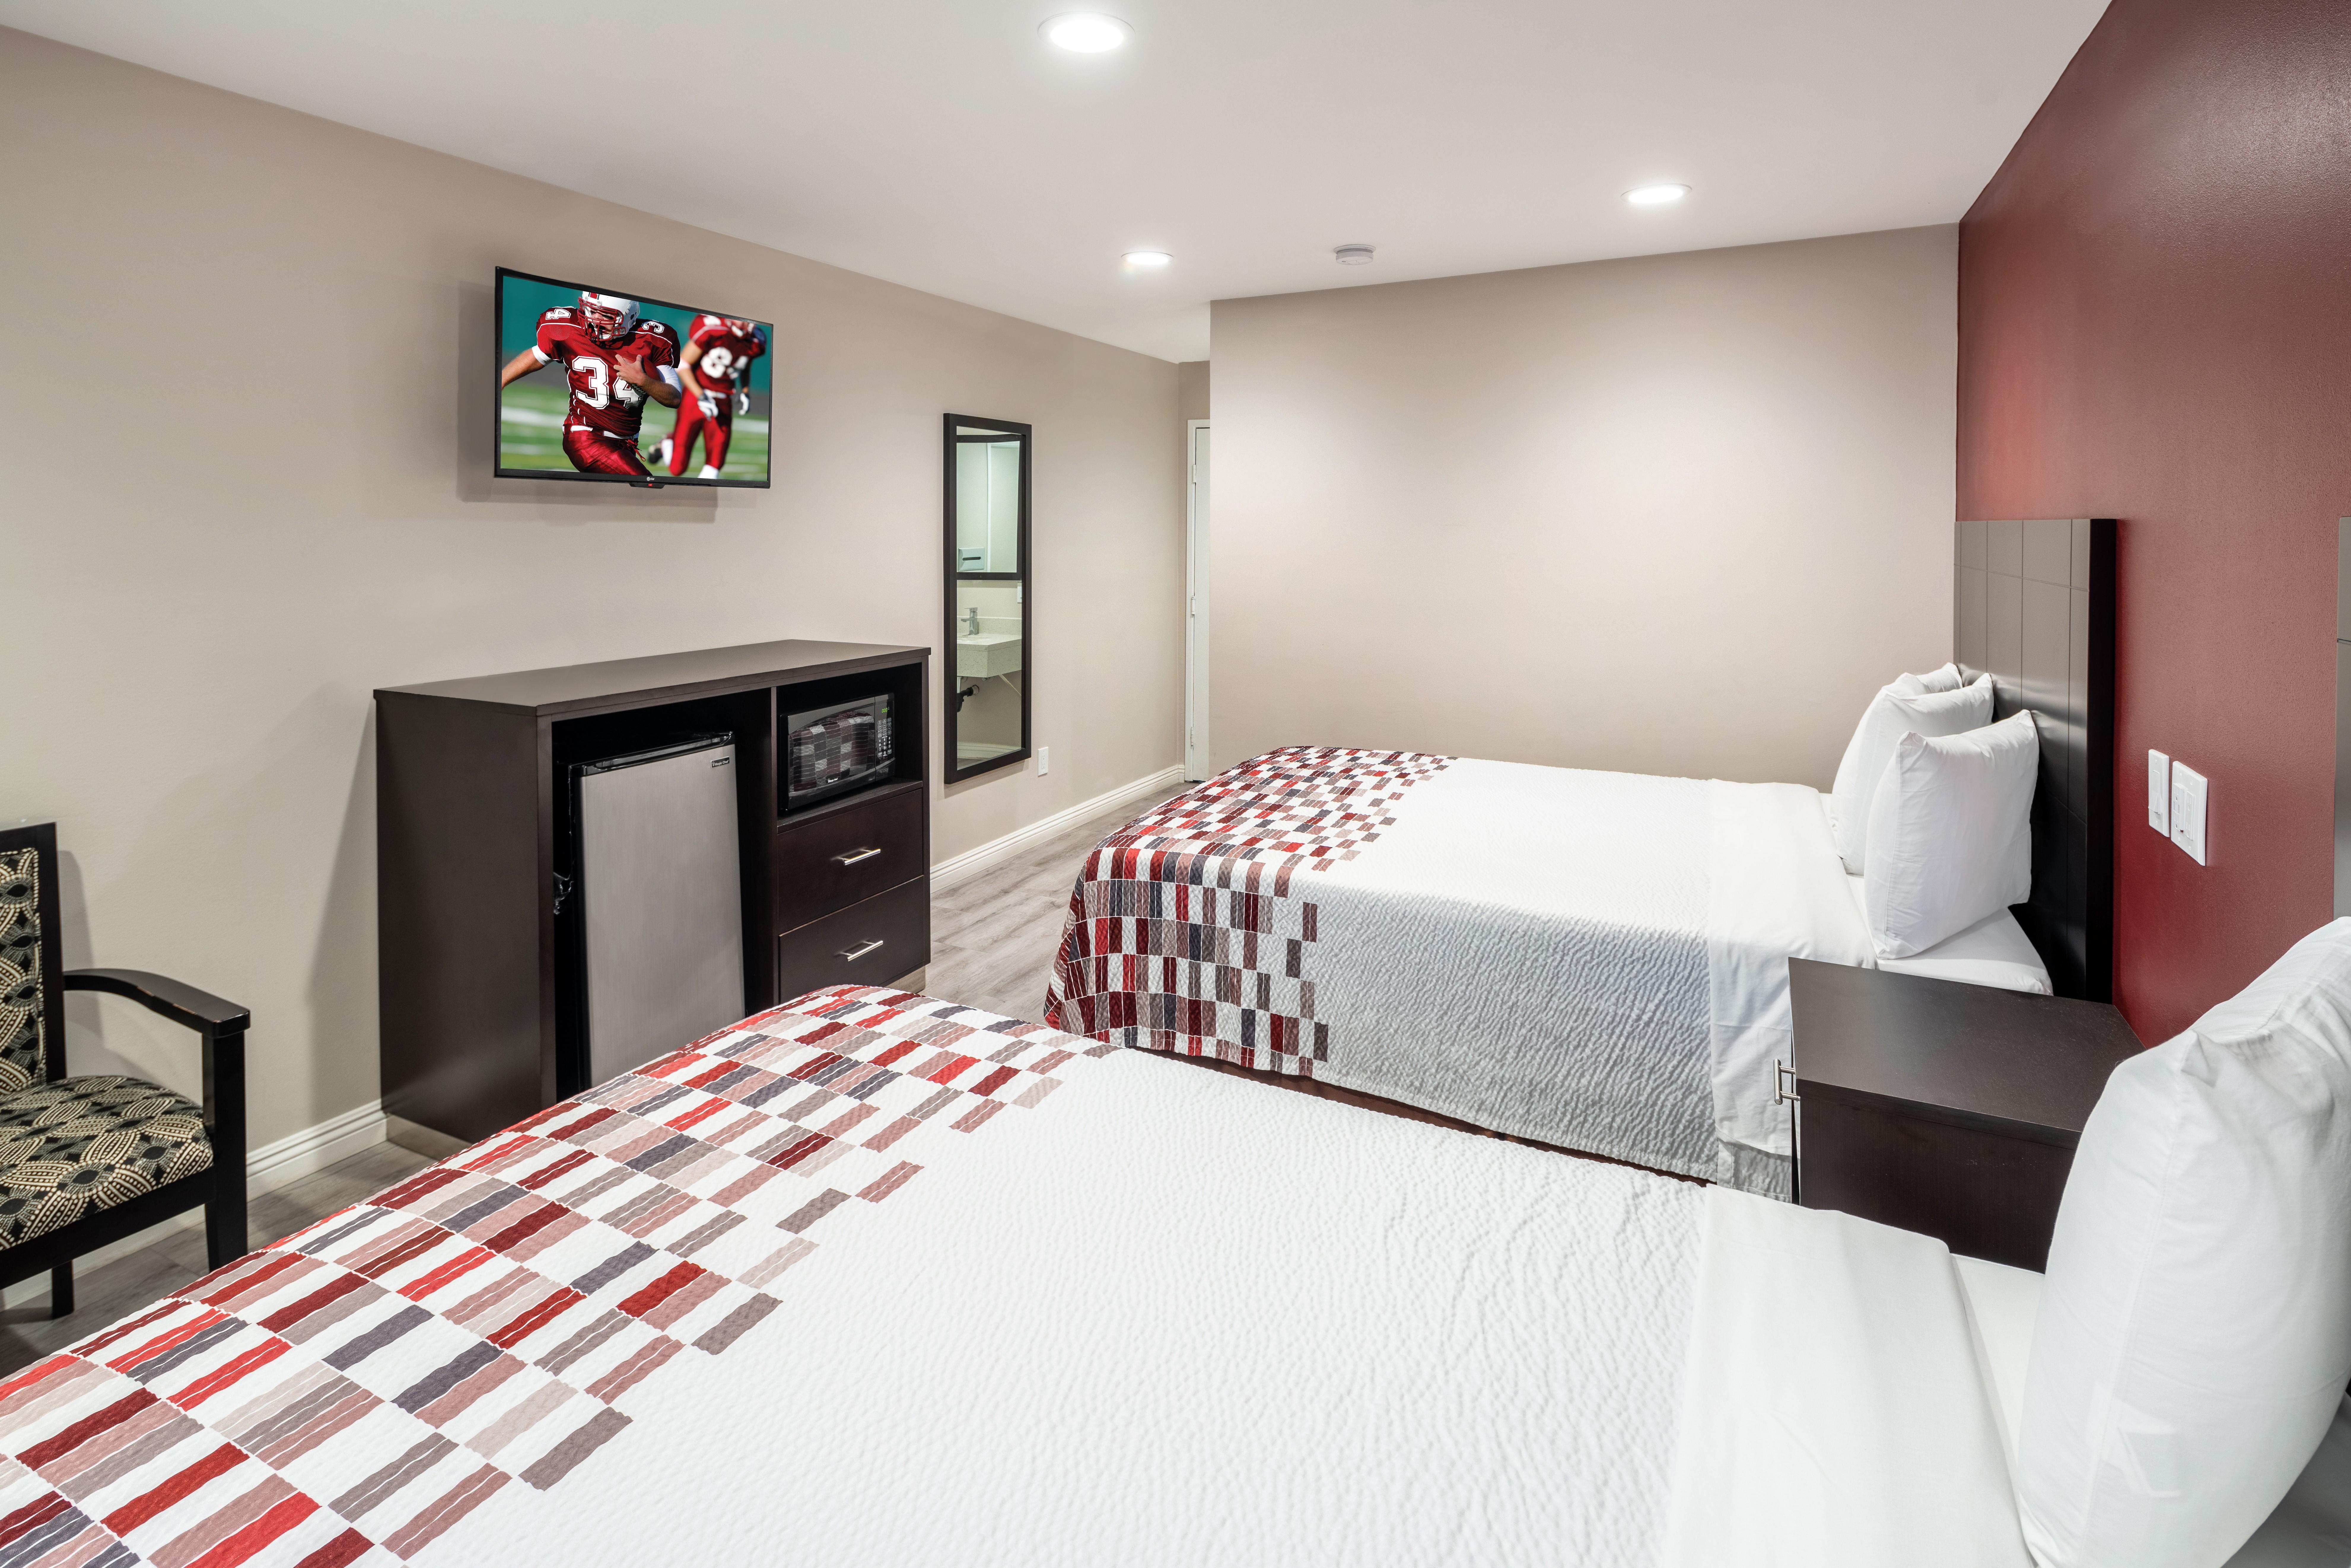 https://www.hotelsbyday.com/_data/default-hotel_image/2/13712/rri1073-doublequeen-01-2.jpg